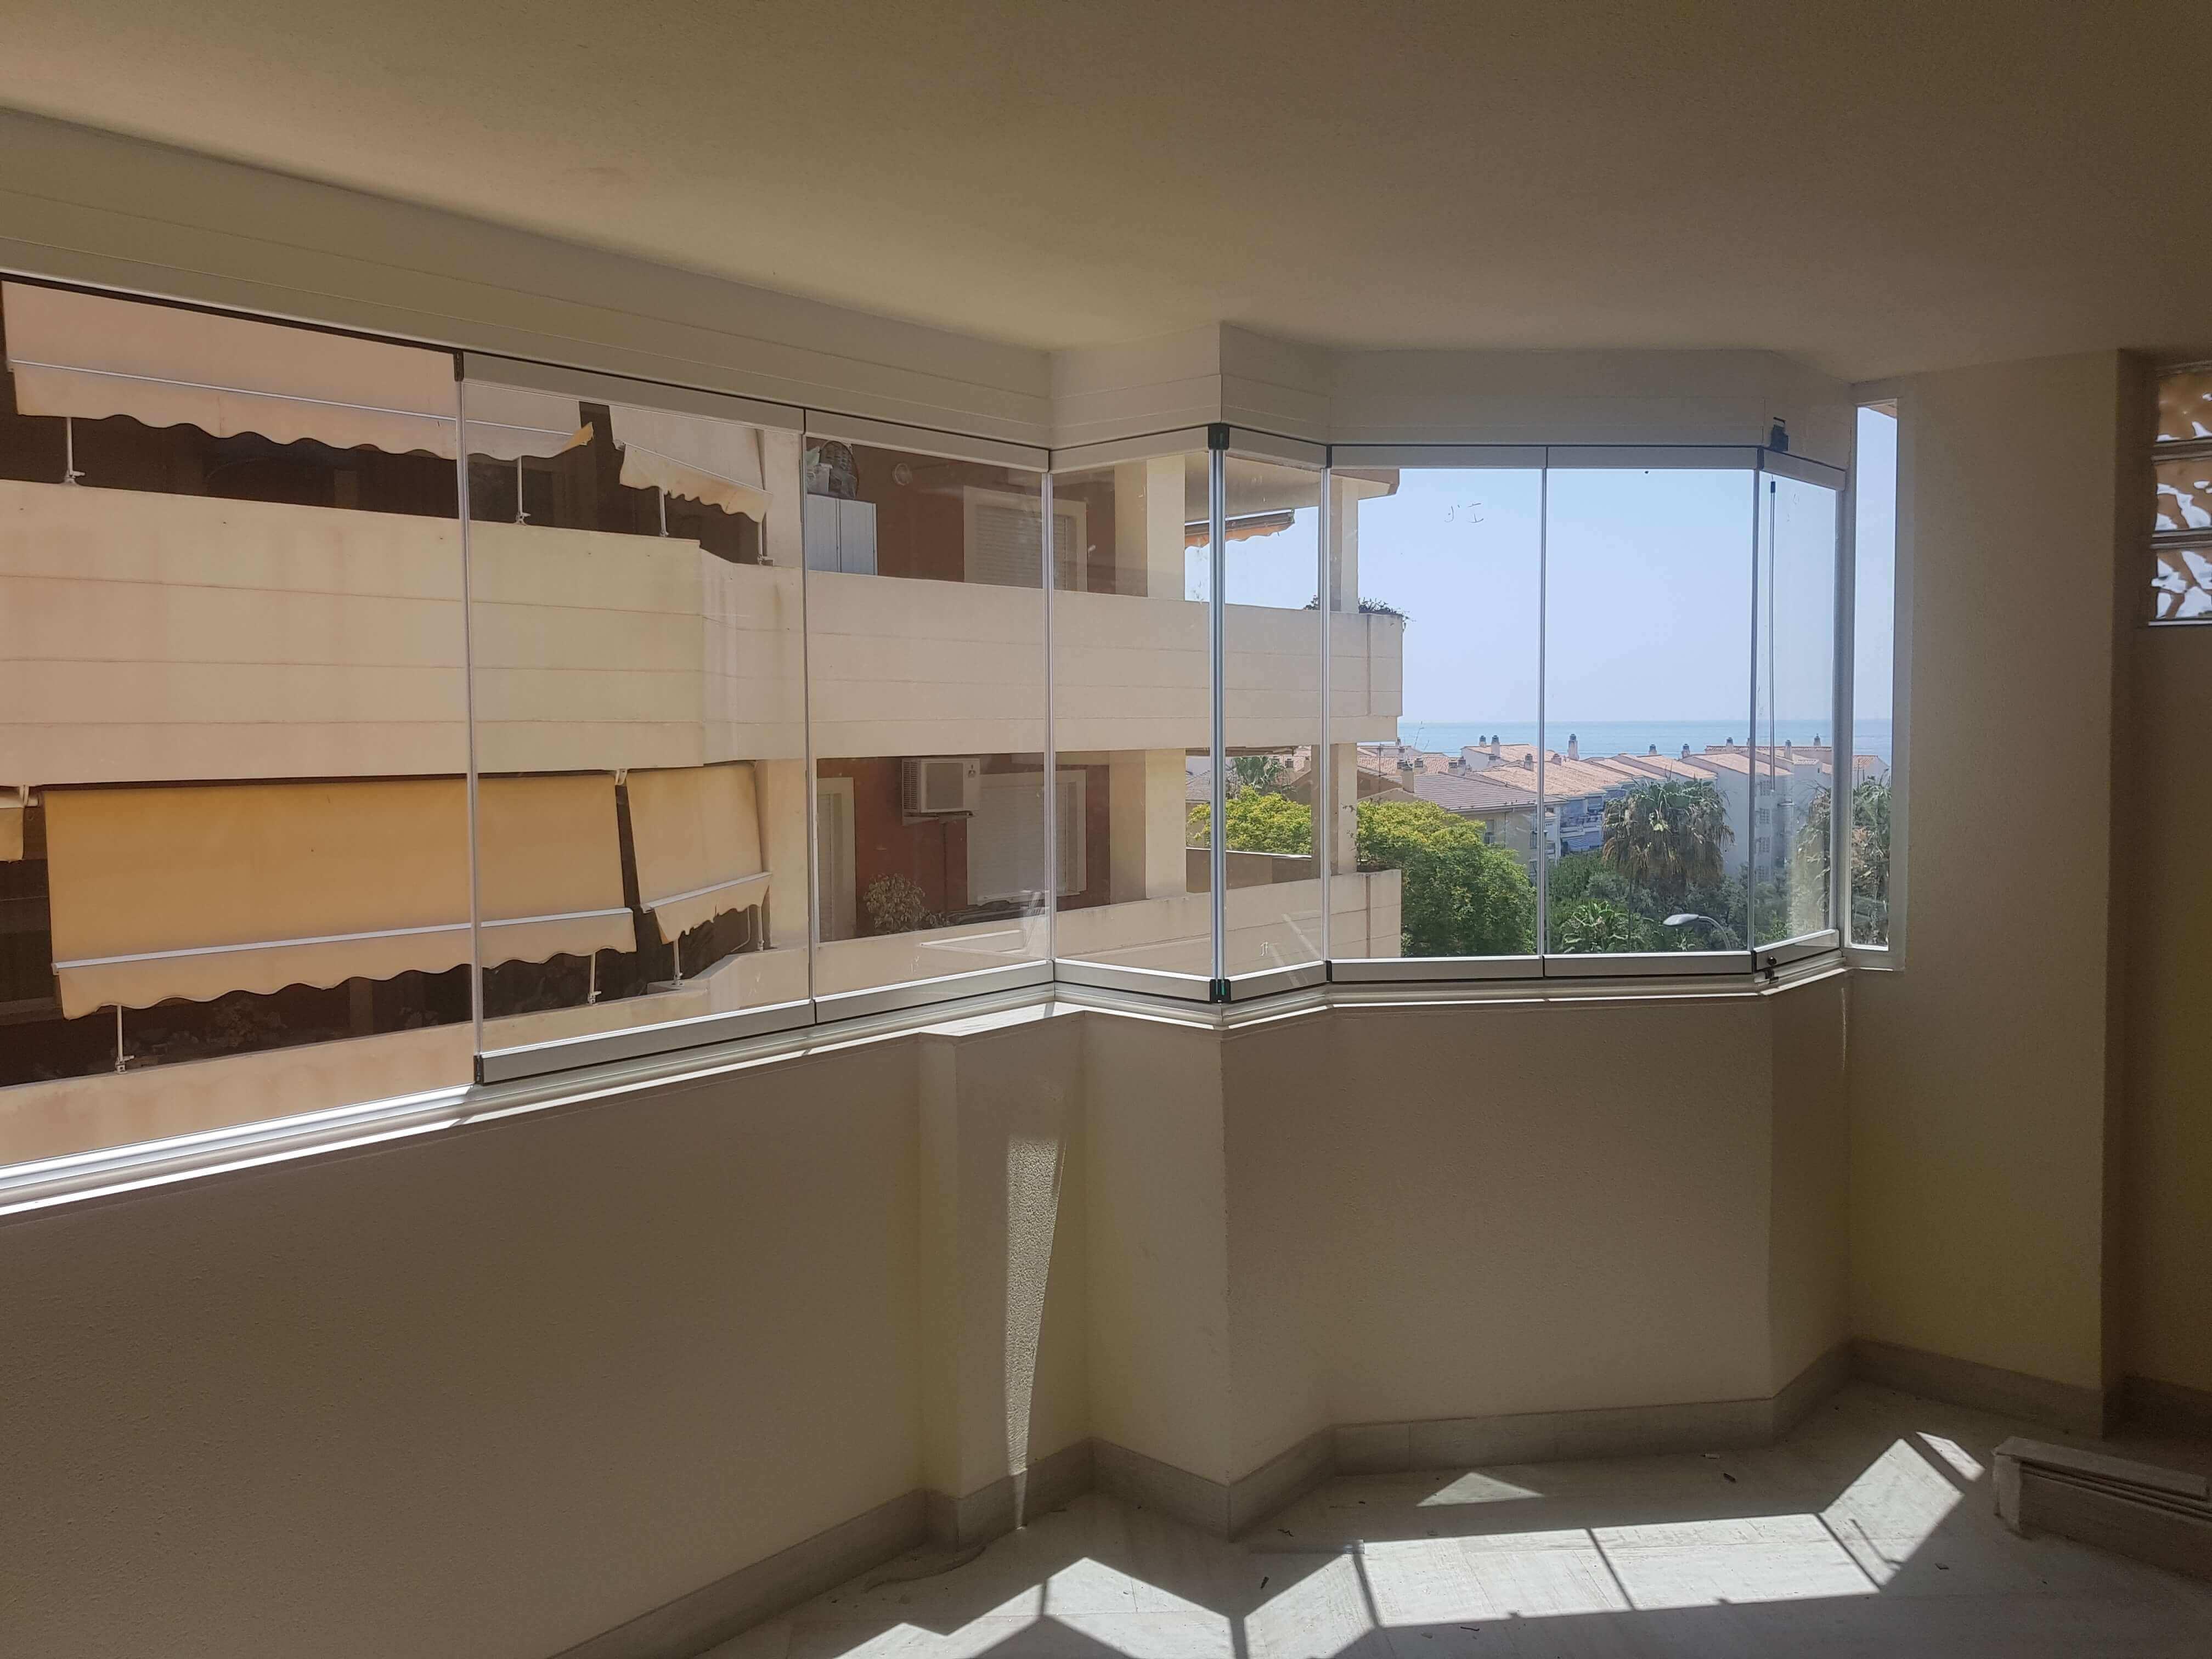 Precios cortinas de cristal cristaleria valencia techos moviles y fijos de aluminio y cristal - Cristal climalit precio ...